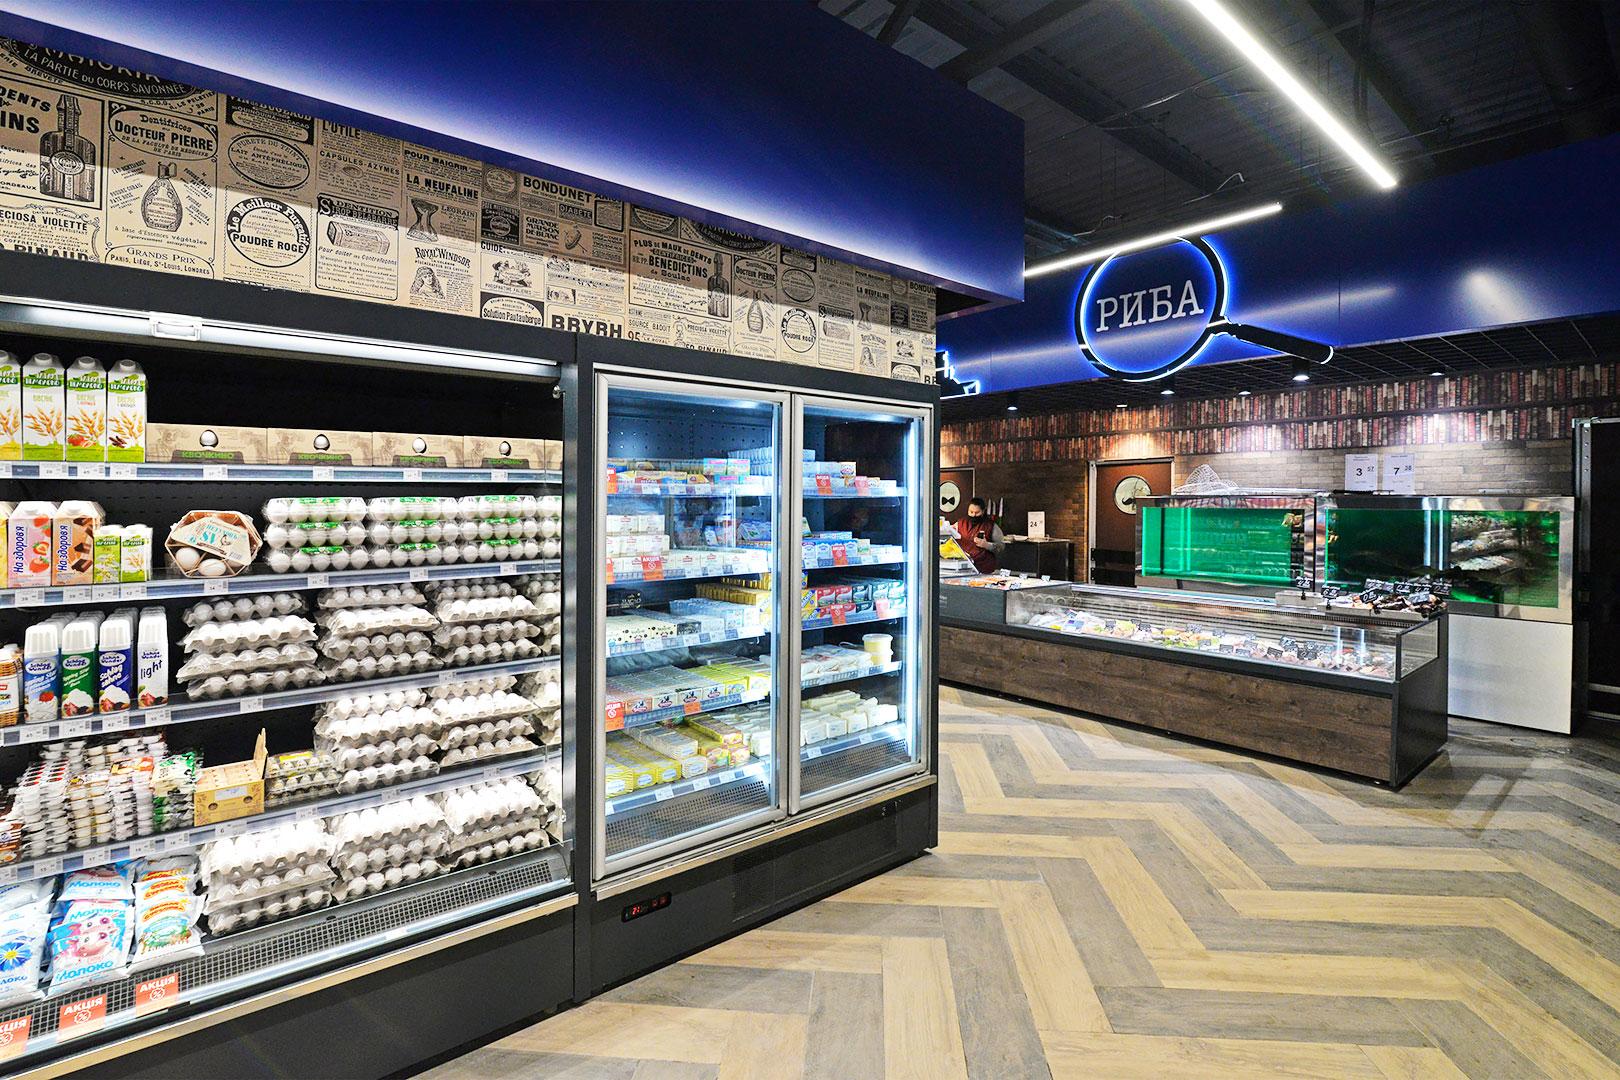 Multideck cabinets Indiana medium AV 085 MT O 210-DLM, frozen foods unit Indiana medium AV 085 LT D 210-DLA